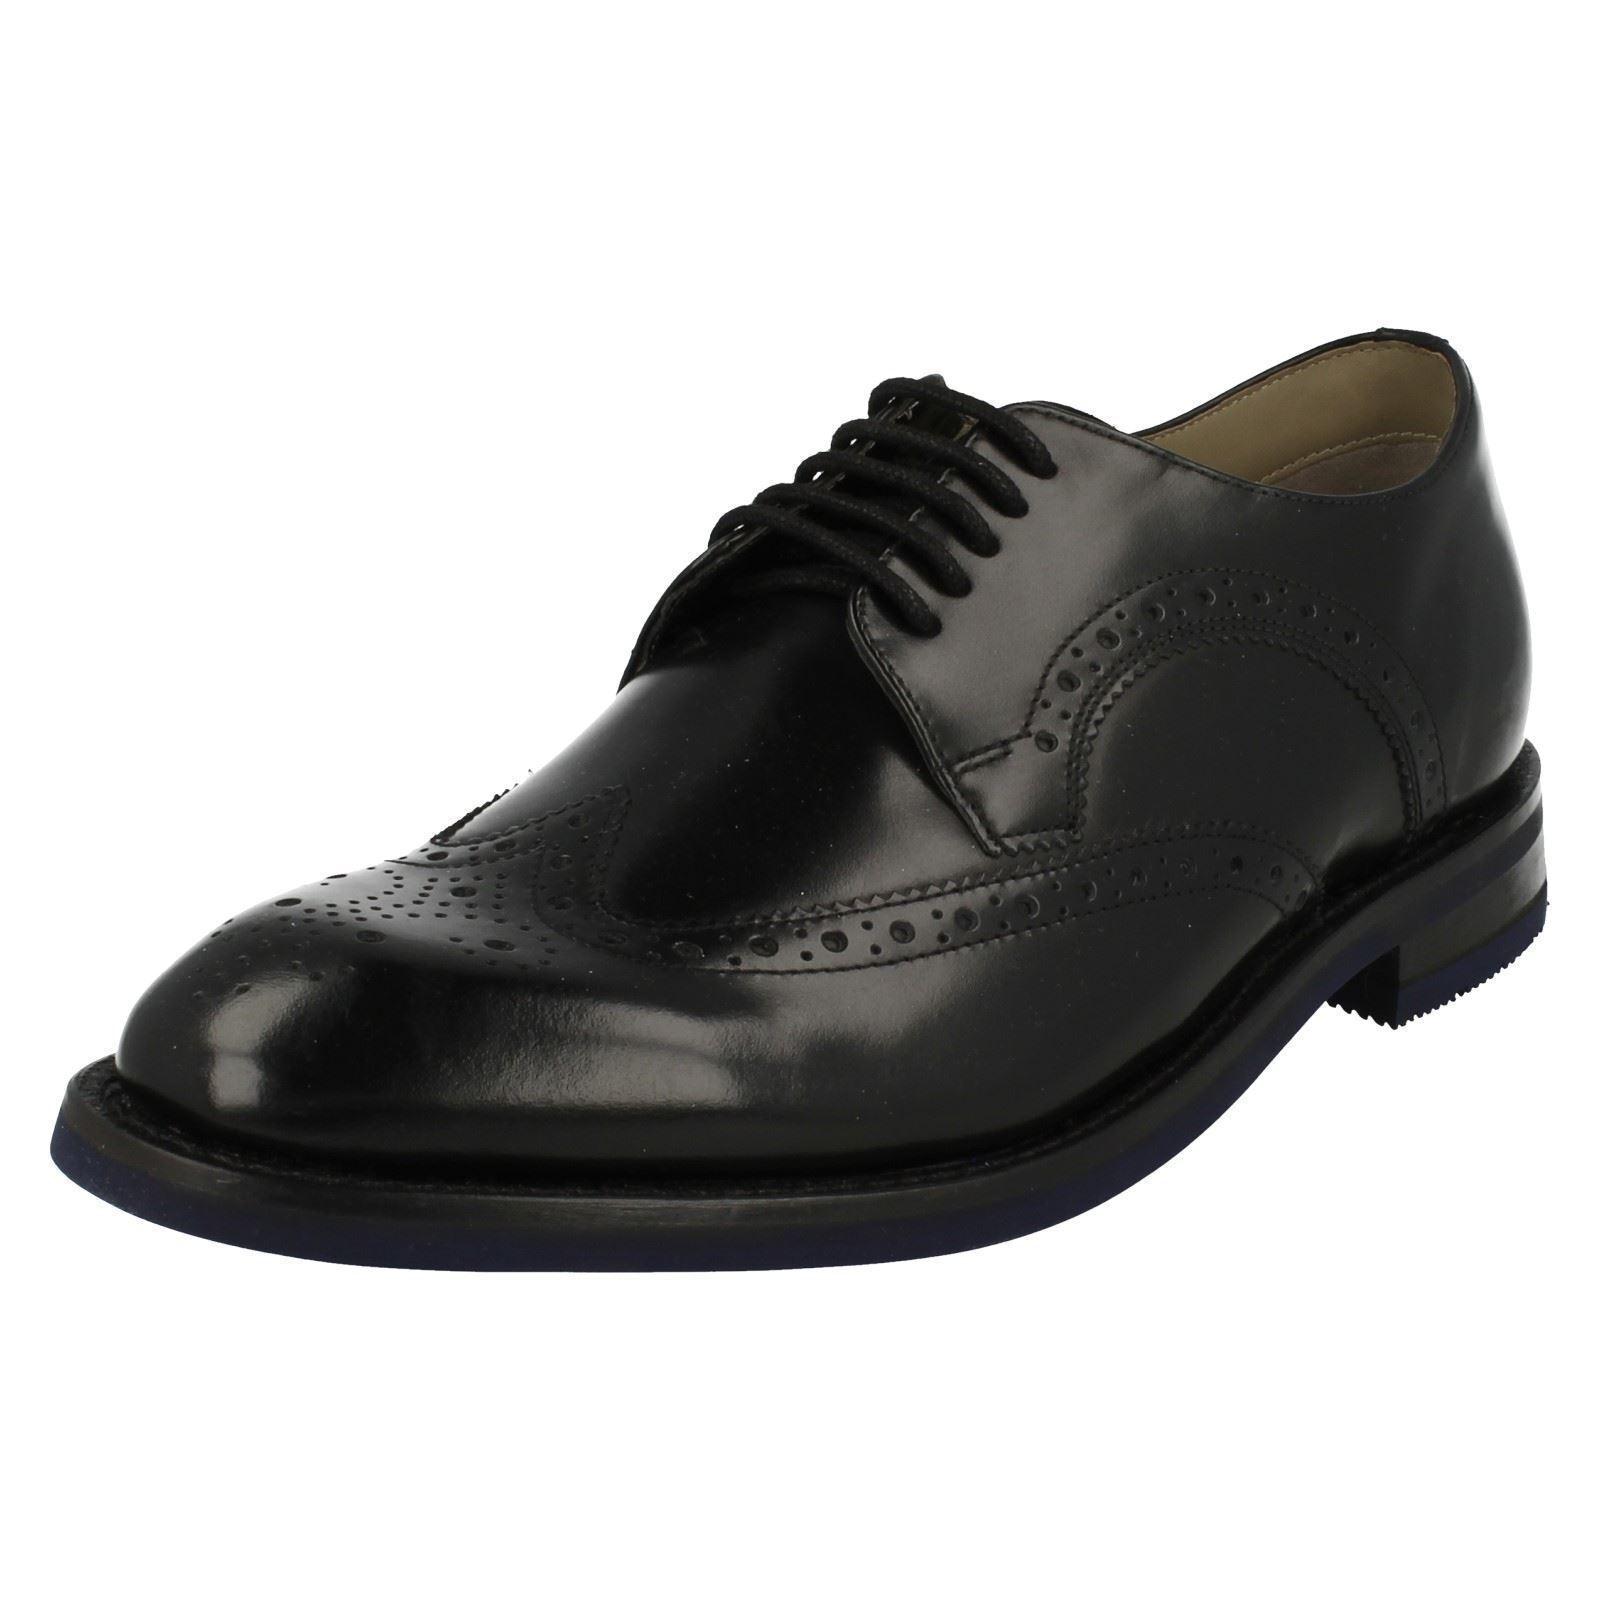 Mens Clarks Swinley Limit Smart Black Leather Lace Up Shoes